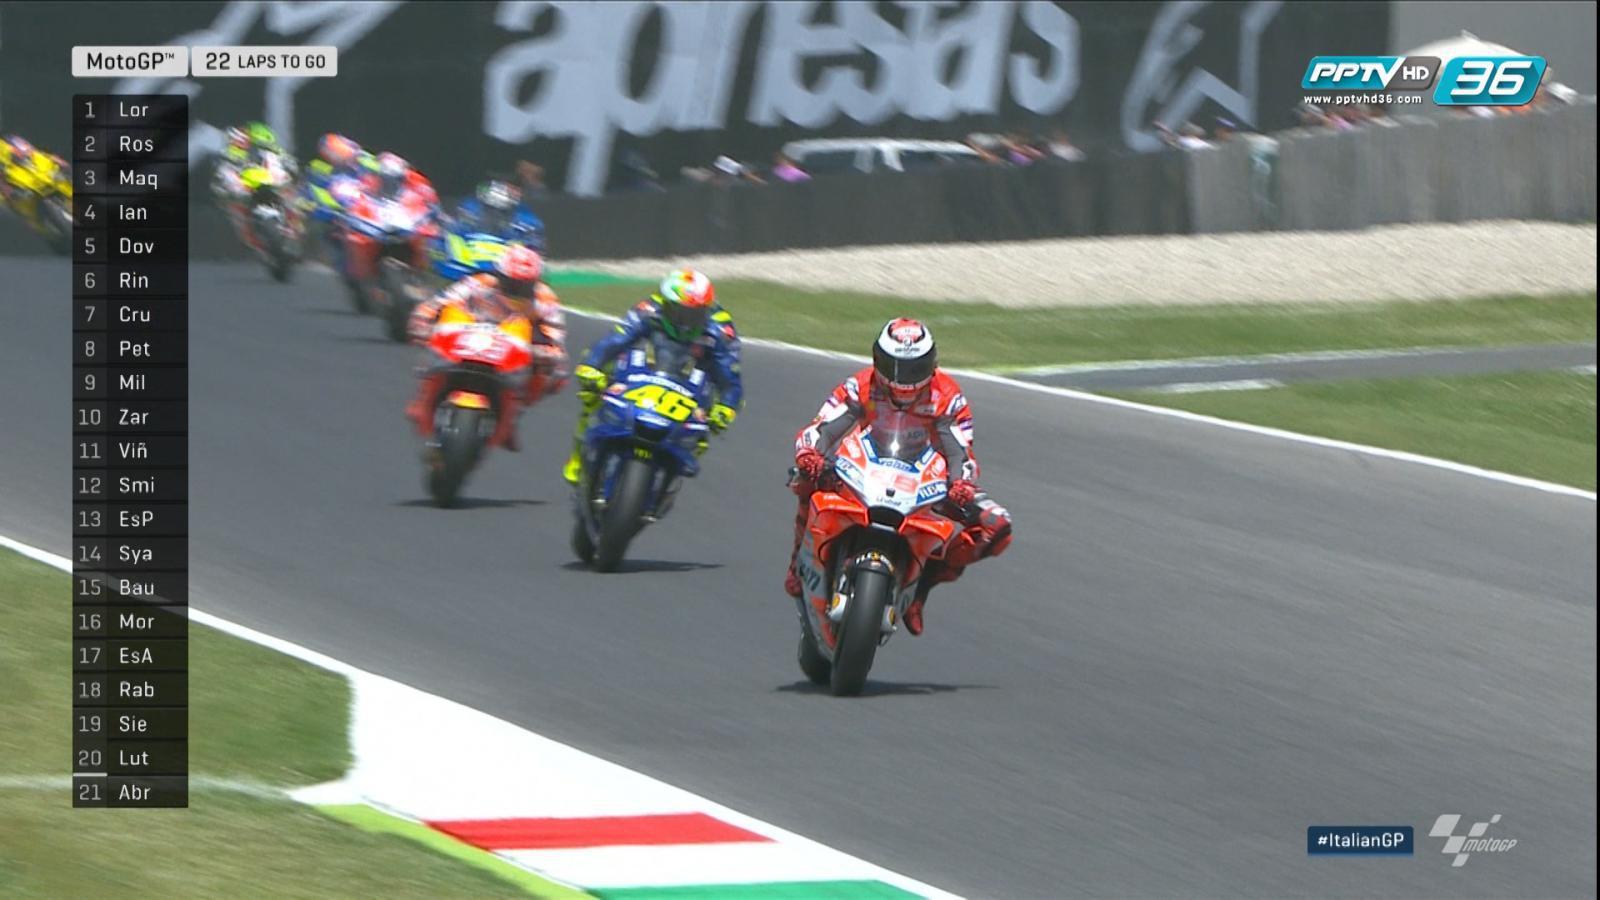 ชมจังหวะที่ Jorge Lorenzo เร่งเครื่องเป็นผู้นำในช่วงปล่อยตัว MotoGP2018 สนามที่ 6